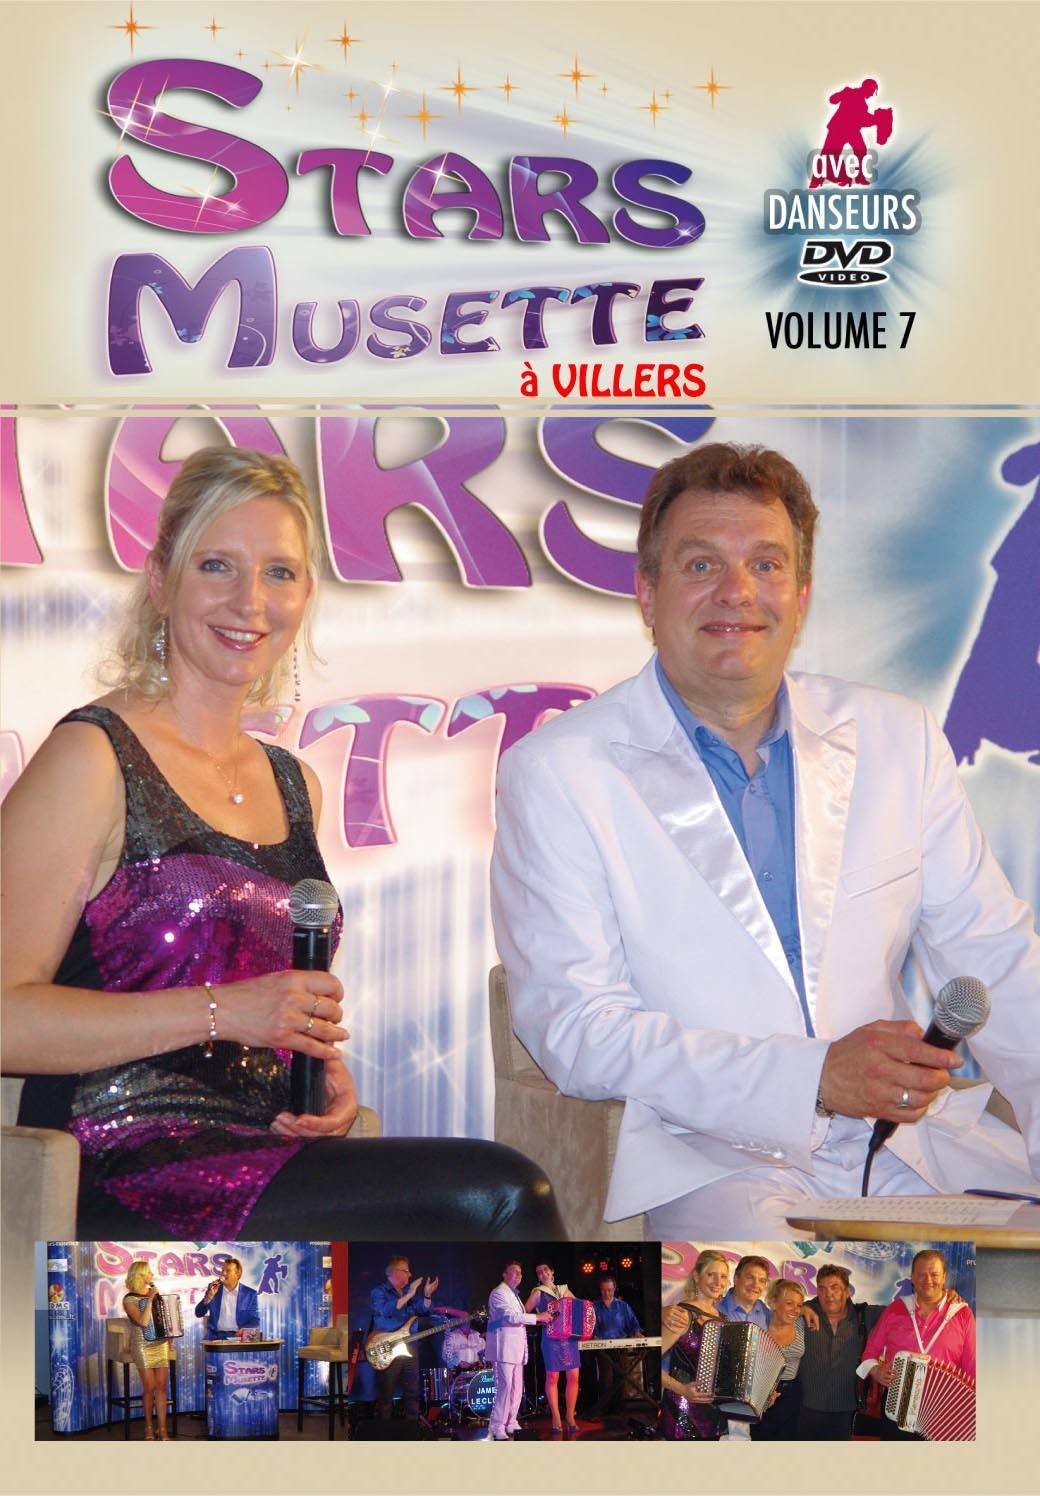 STARS MUSETTE - VOLUME 7 - DVD